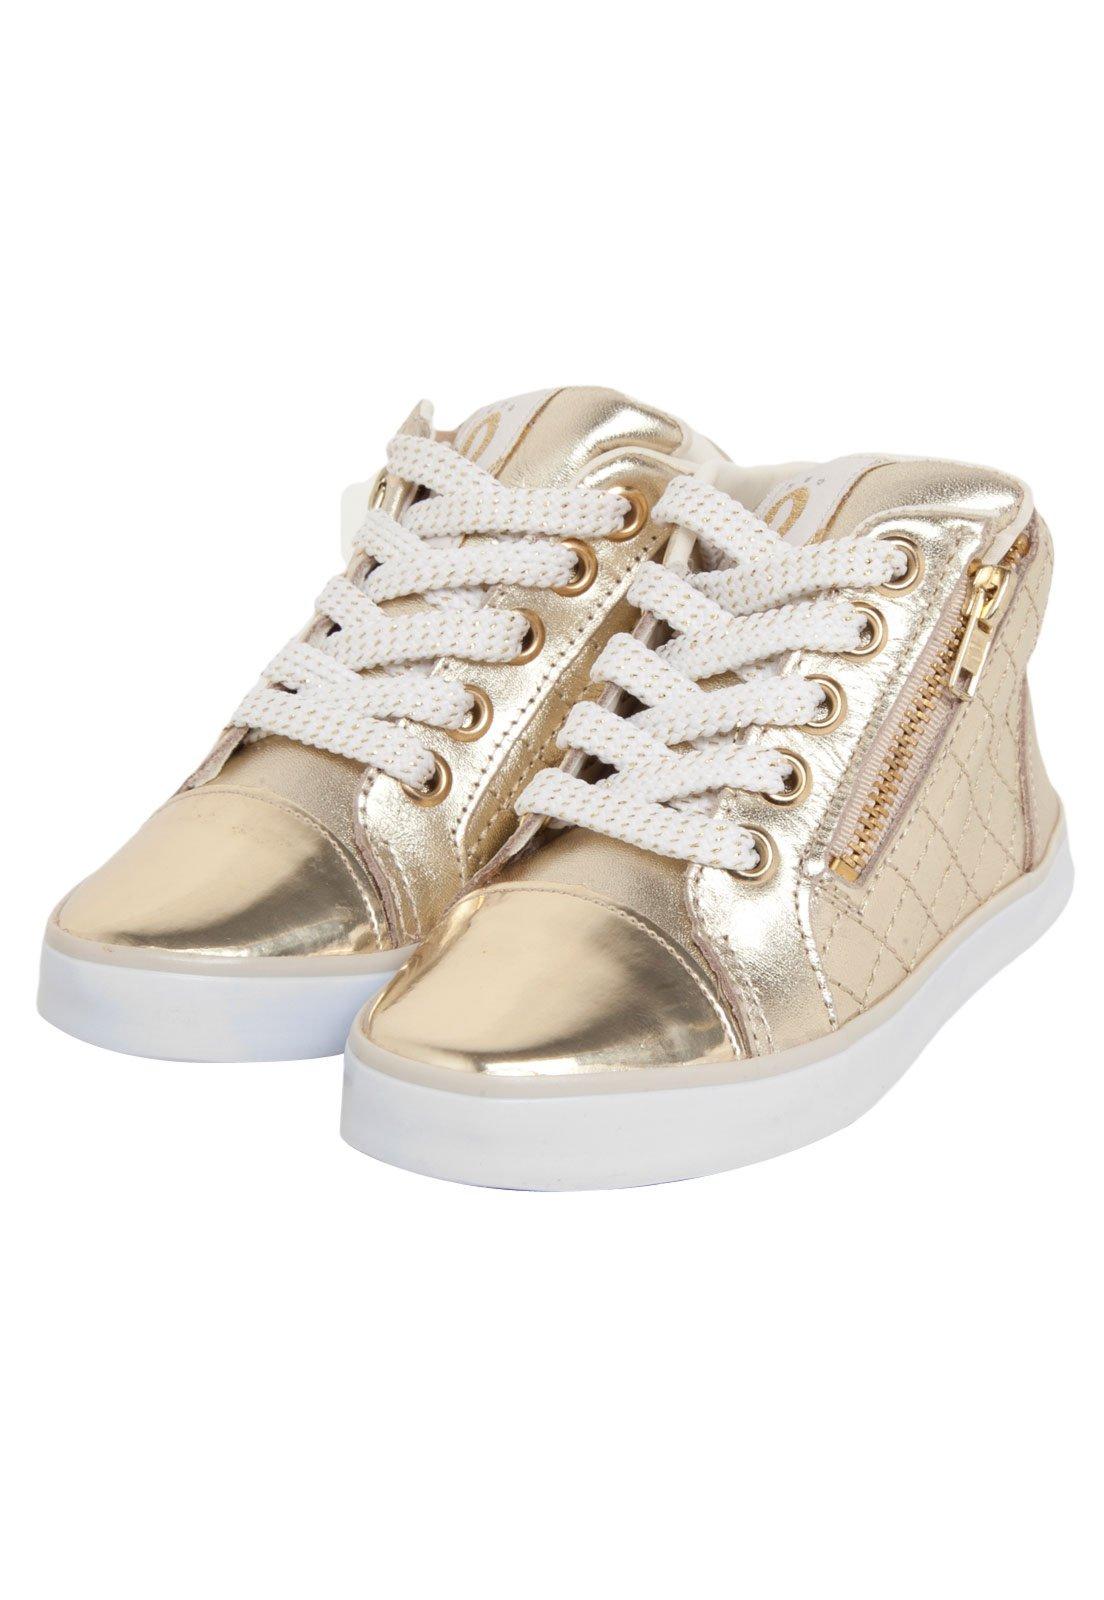 Tênis Couro Lilica Ripilica Infantil Glam Dourado Off-White. - Compre Agora   bb7df33ba229f